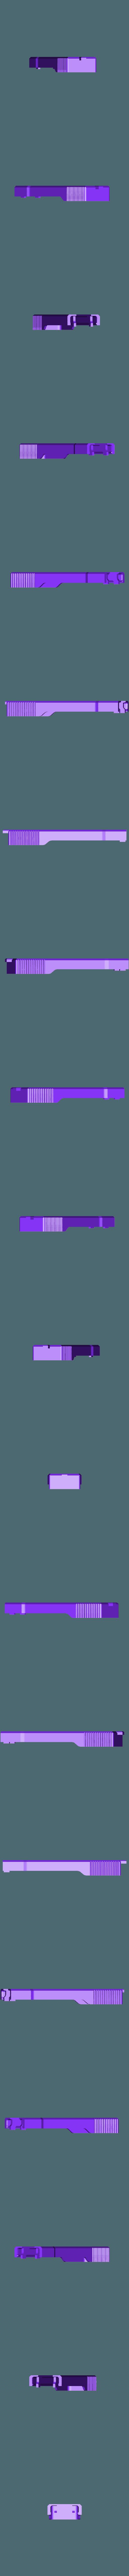 Nerfpistol_reloadslide_V1.2.STL Download STL file Nerf pistol with clip • 3D printer design, MrCrankyface